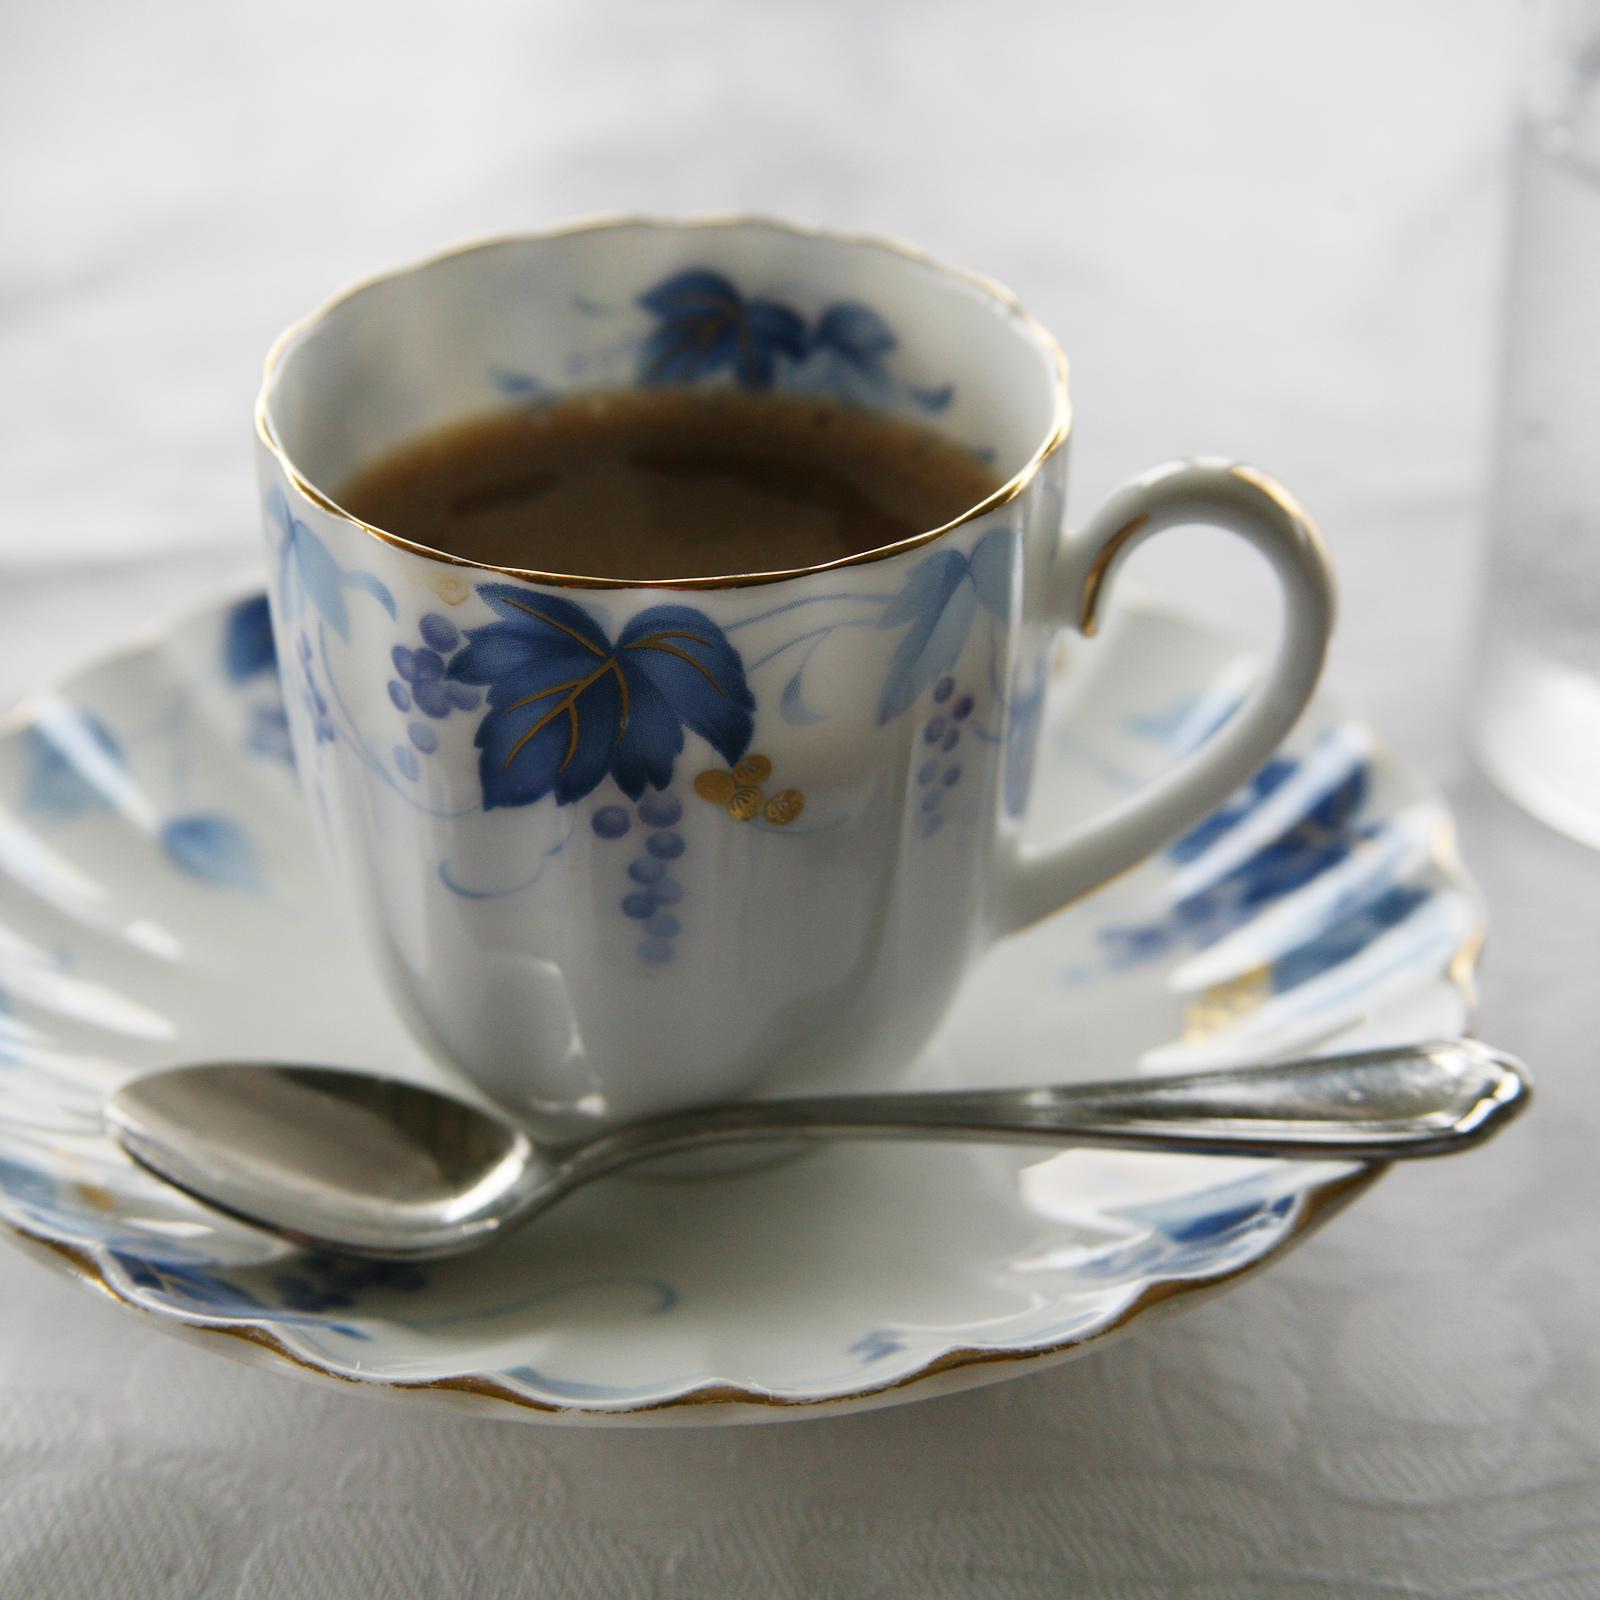 コーヒーカップにもぶどうのデザイン。